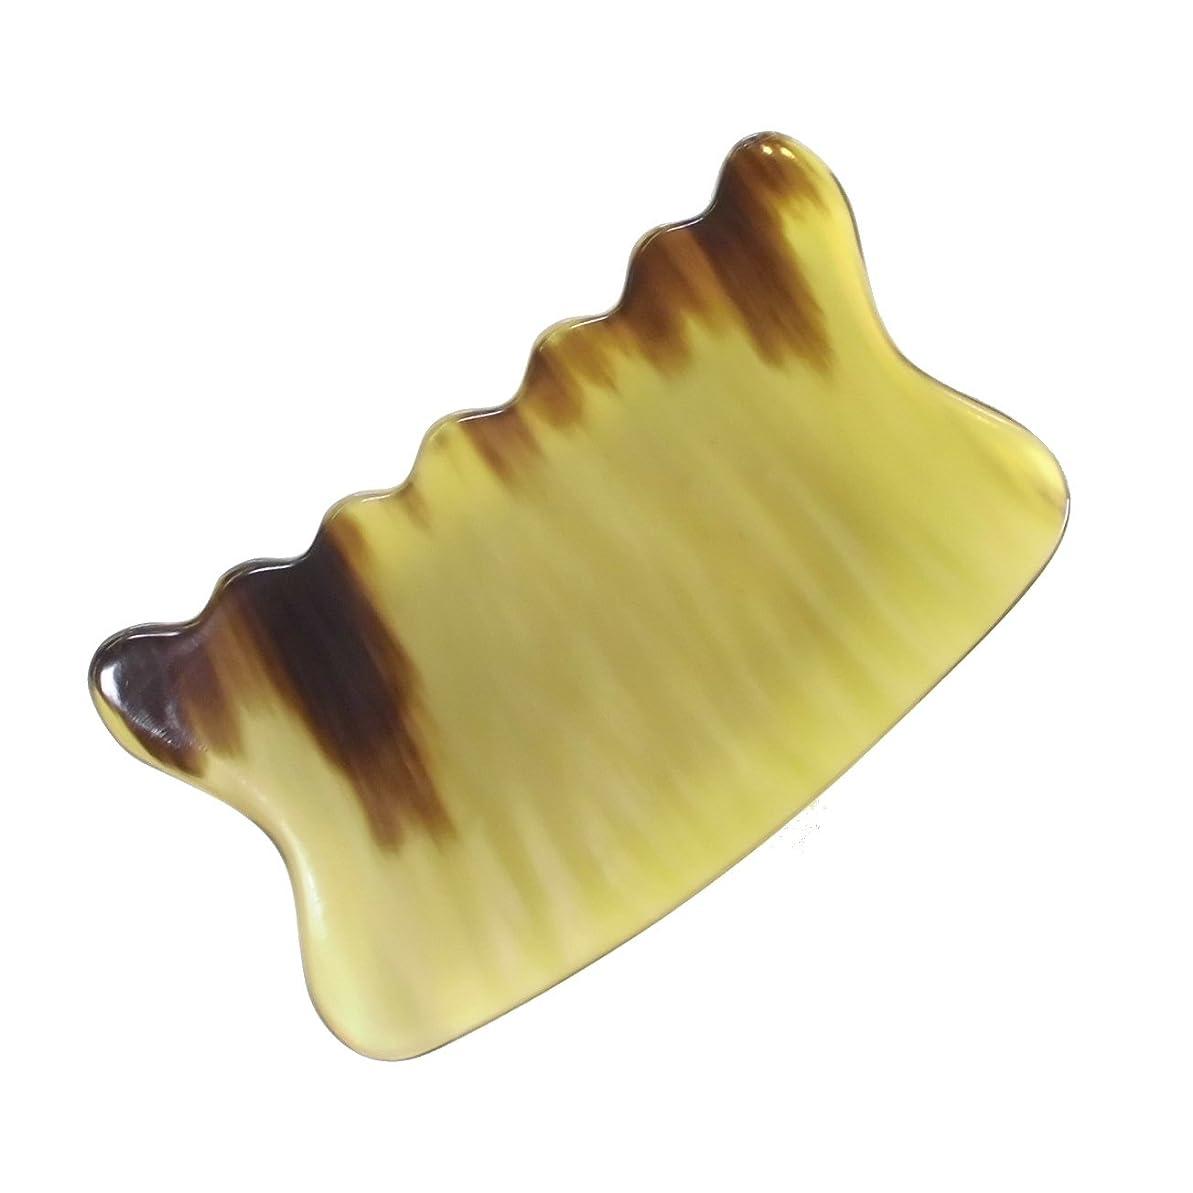 意外けがをするトランジスタかっさ プレート 希少69 黄水牛角 極美品 曲波型